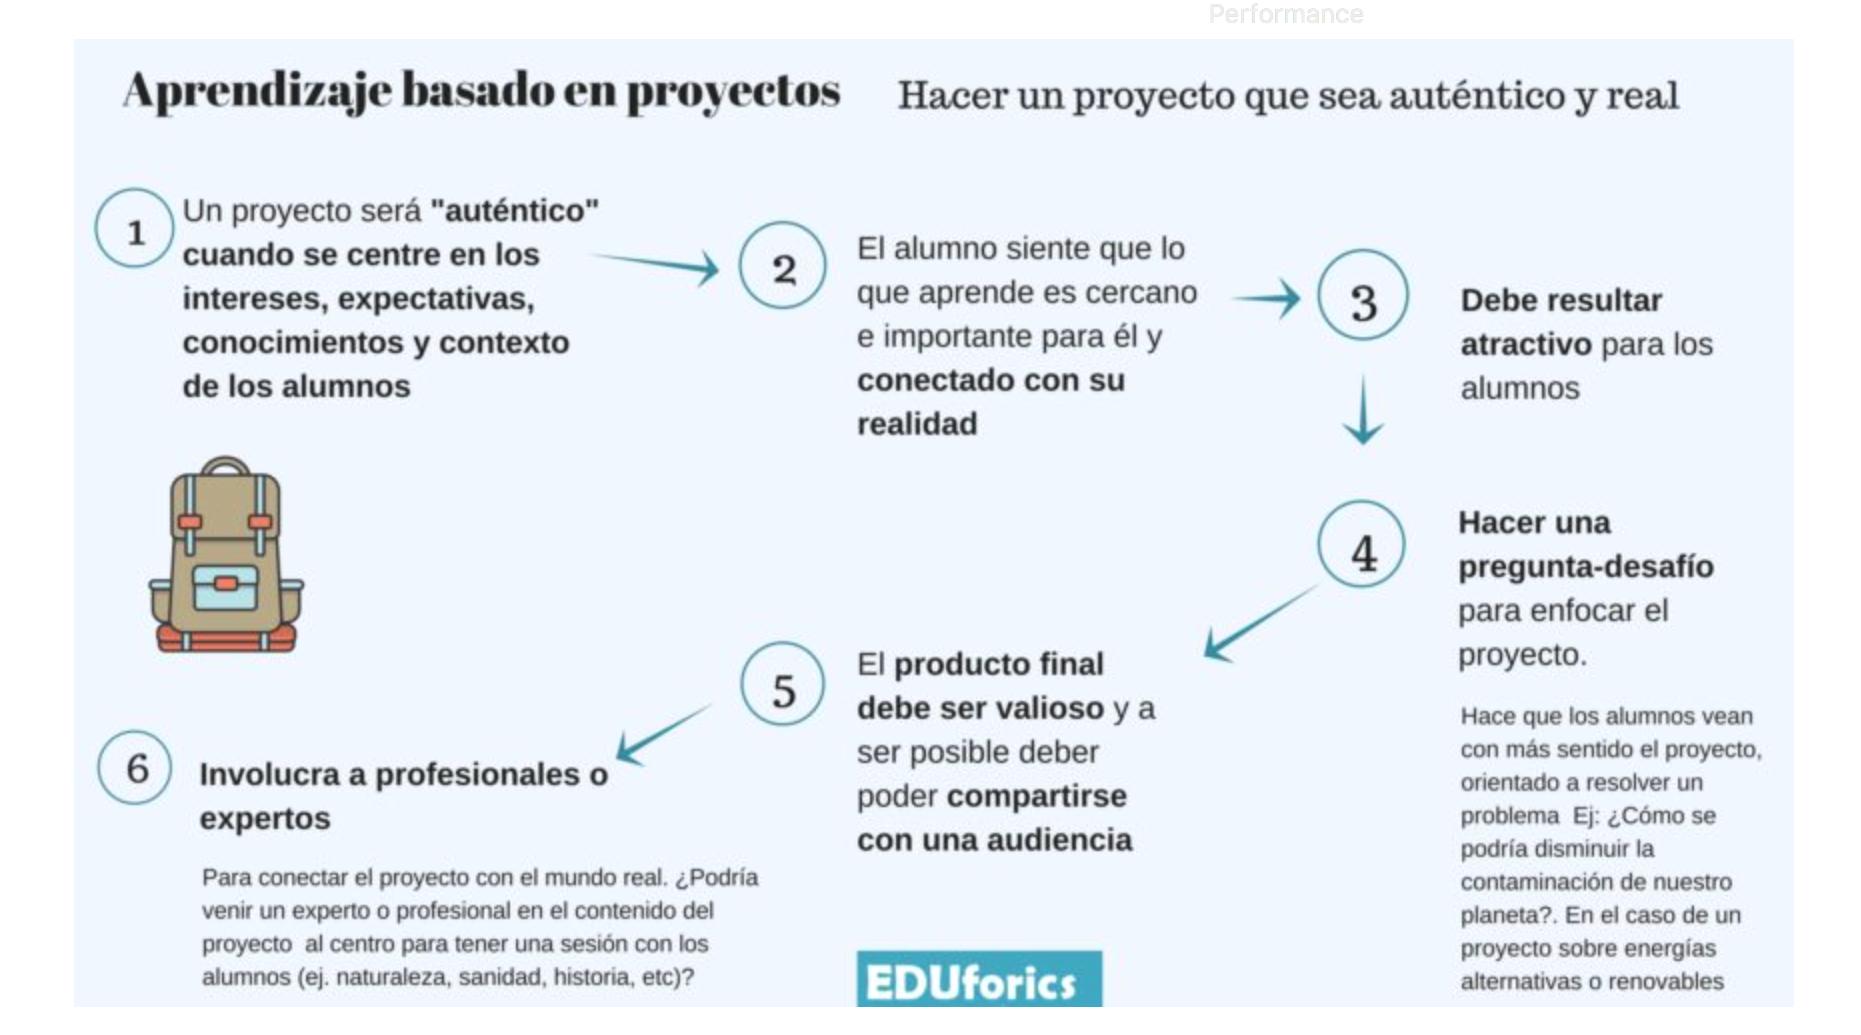 Ideas Para Hacer Un Proyecto. Cheap Imagen With Ideas Para